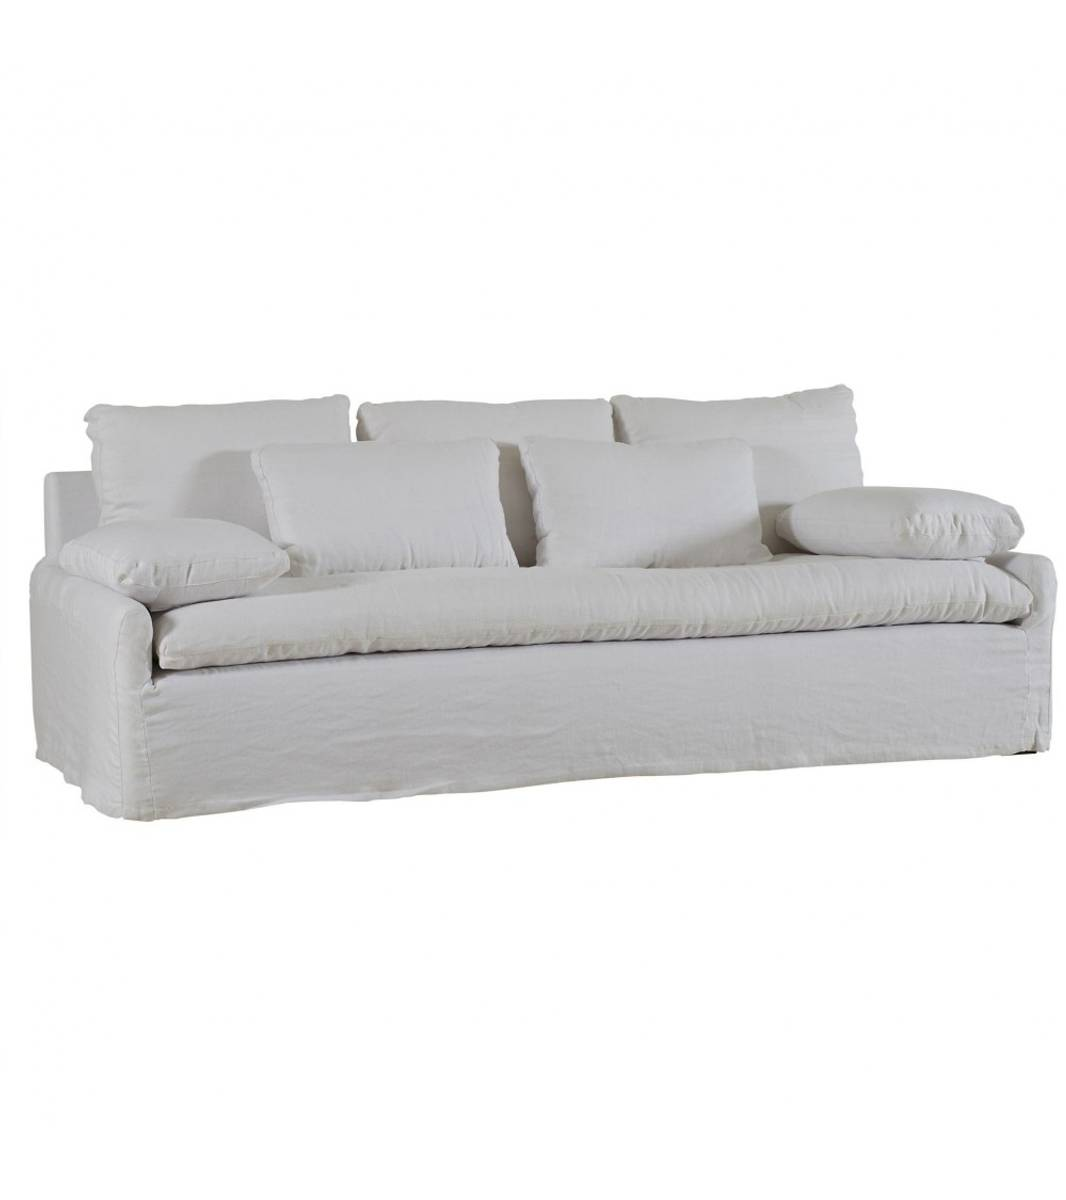 Varjan 3-seter sofa